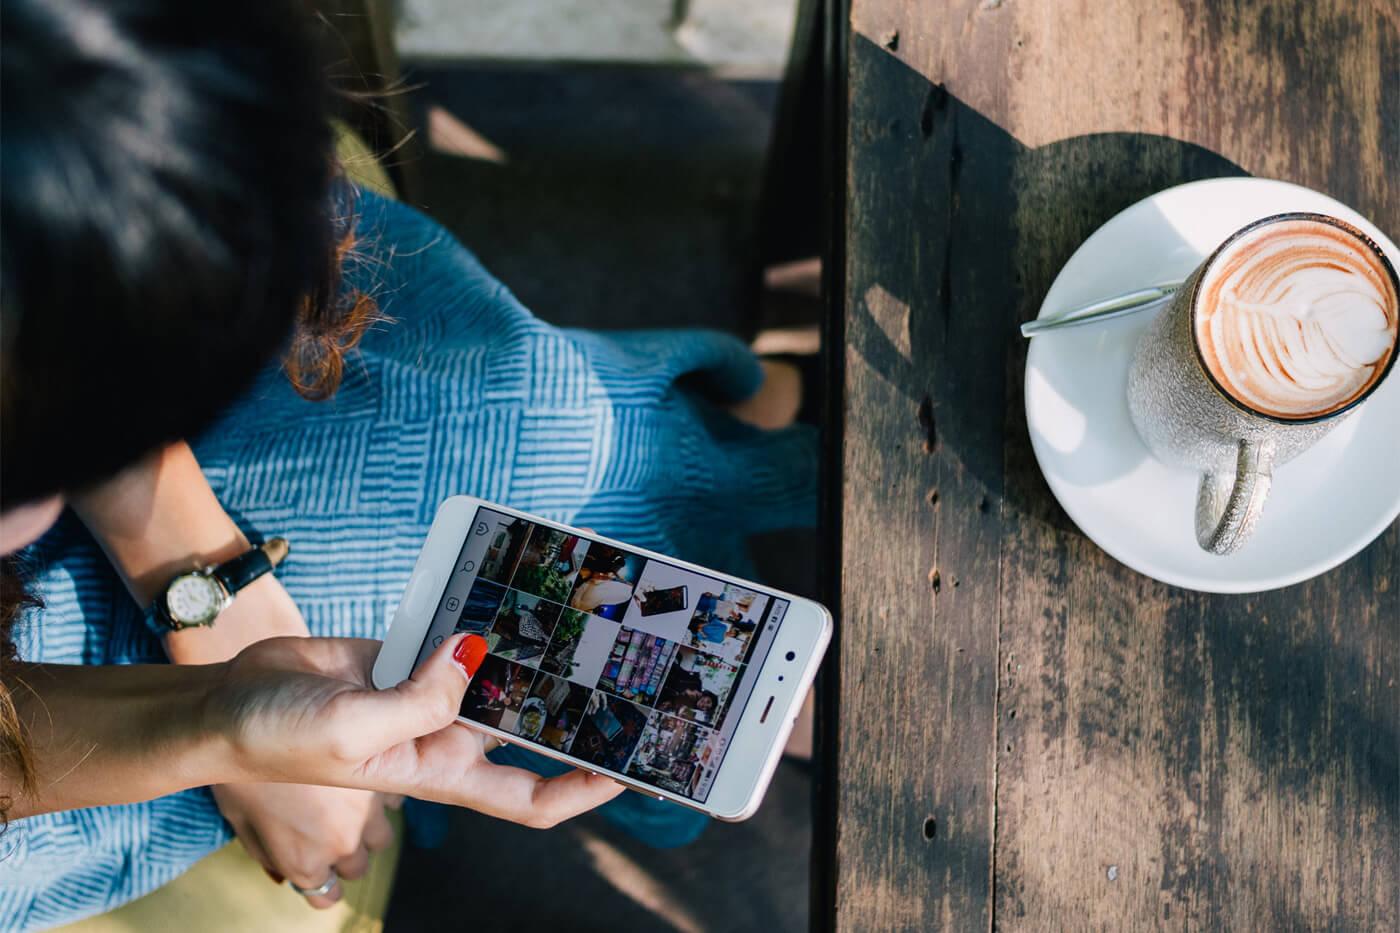 スマホアプリから仕事の管理と業務報告もできます